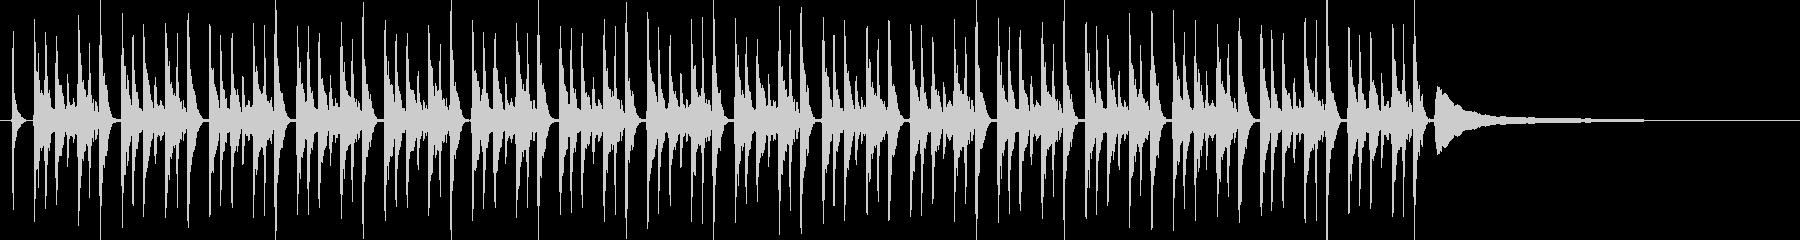 動画の説明をするときのBGMに近い効果音の未再生の波形